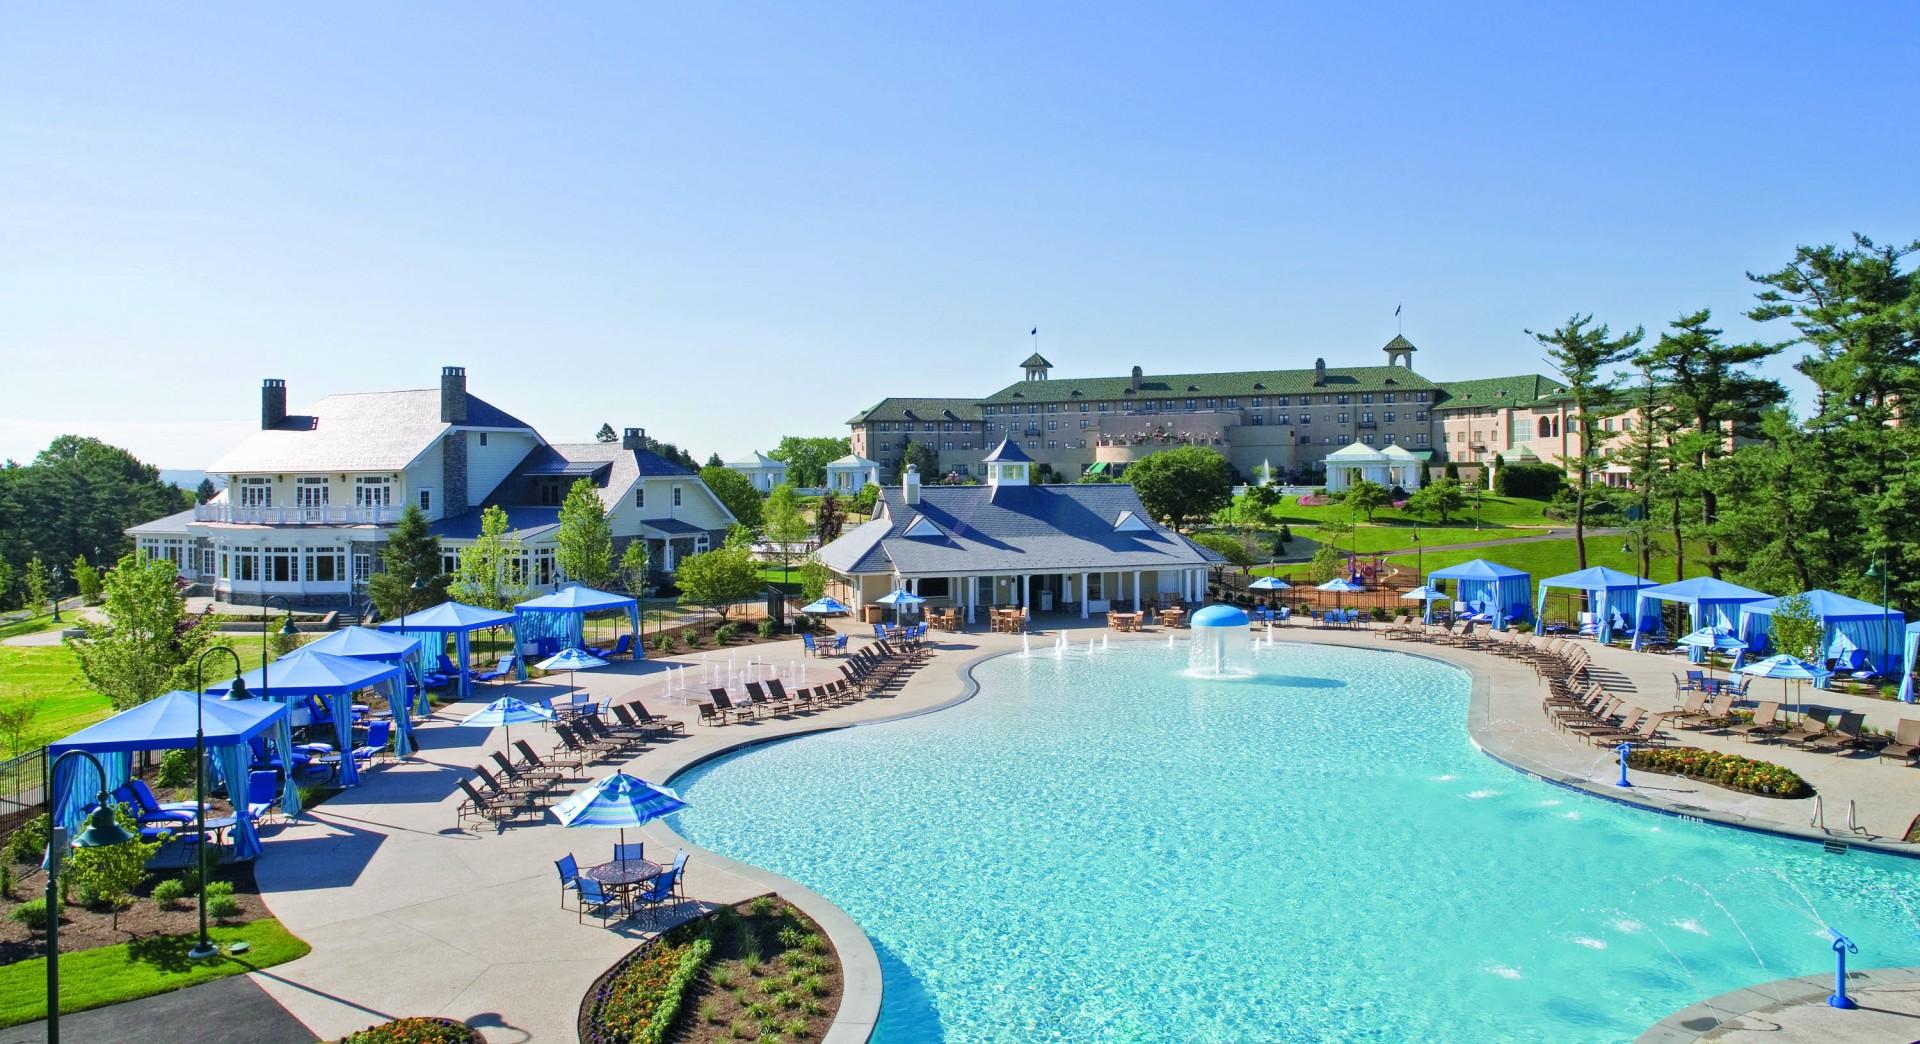 Hershey Park Hotels Pool